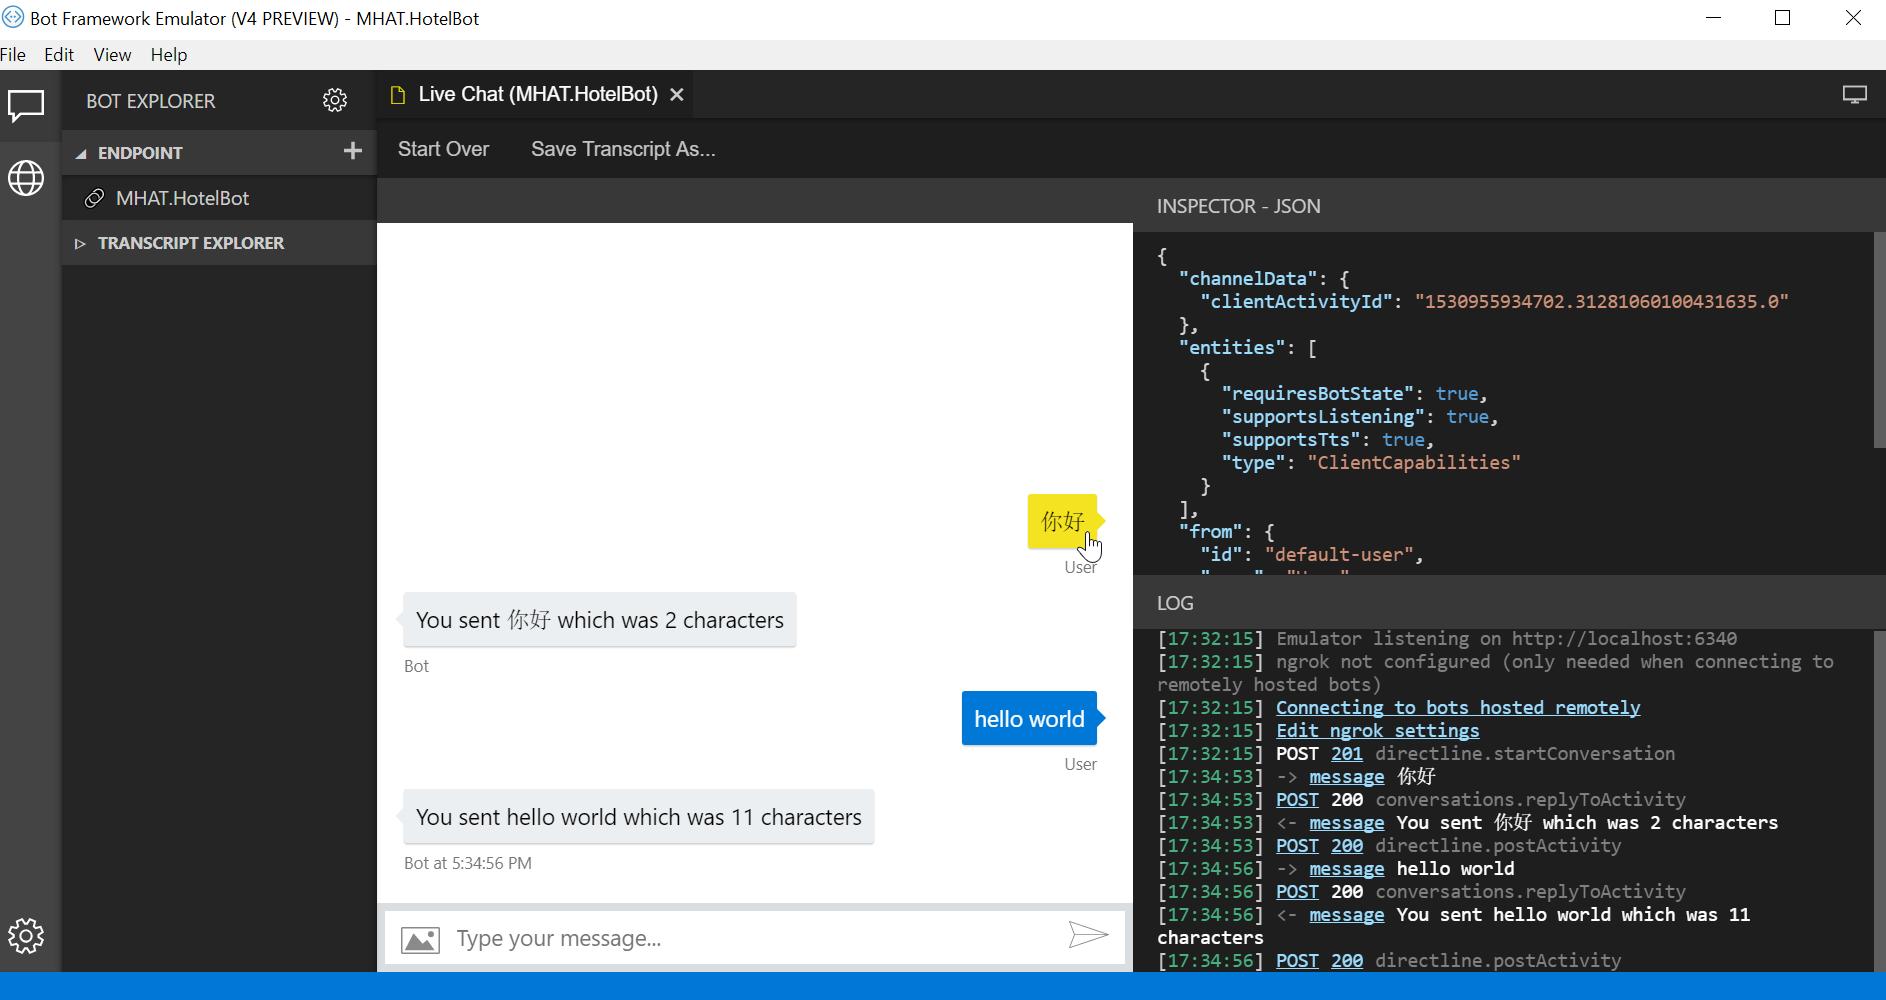 Bot Framework Emulator_2018-07-07_17-35-57.png